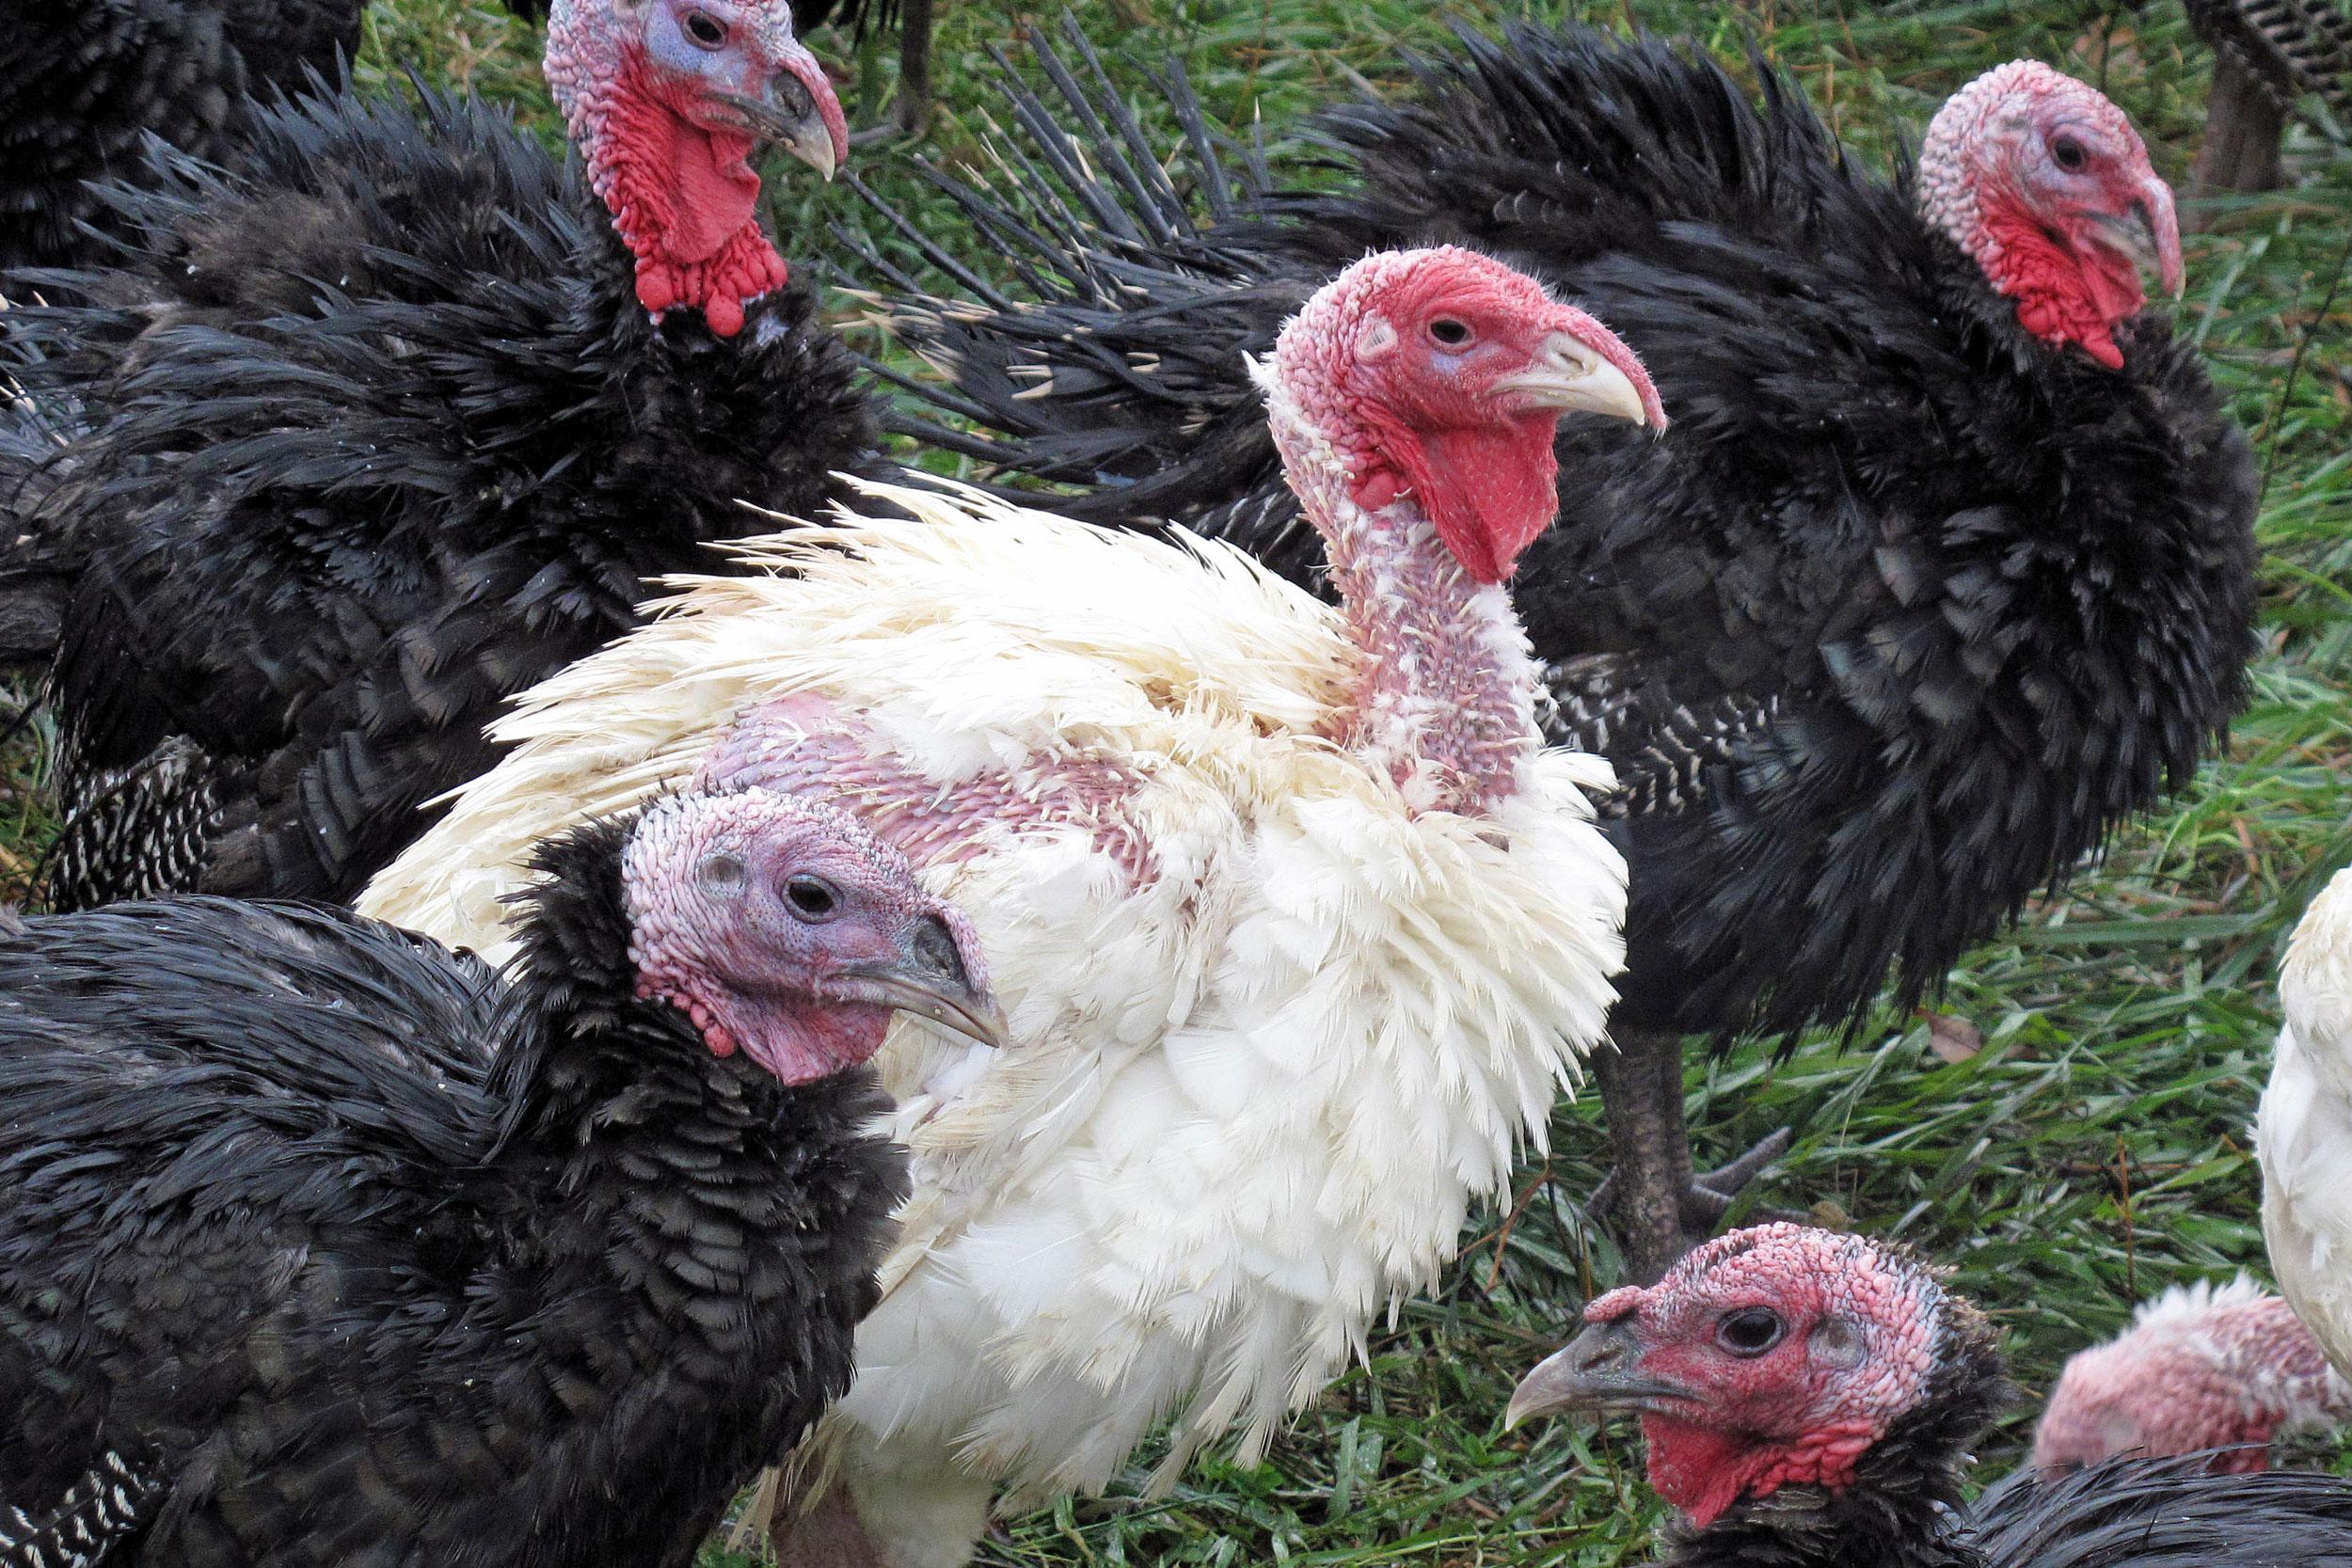 two breeds of turkeys